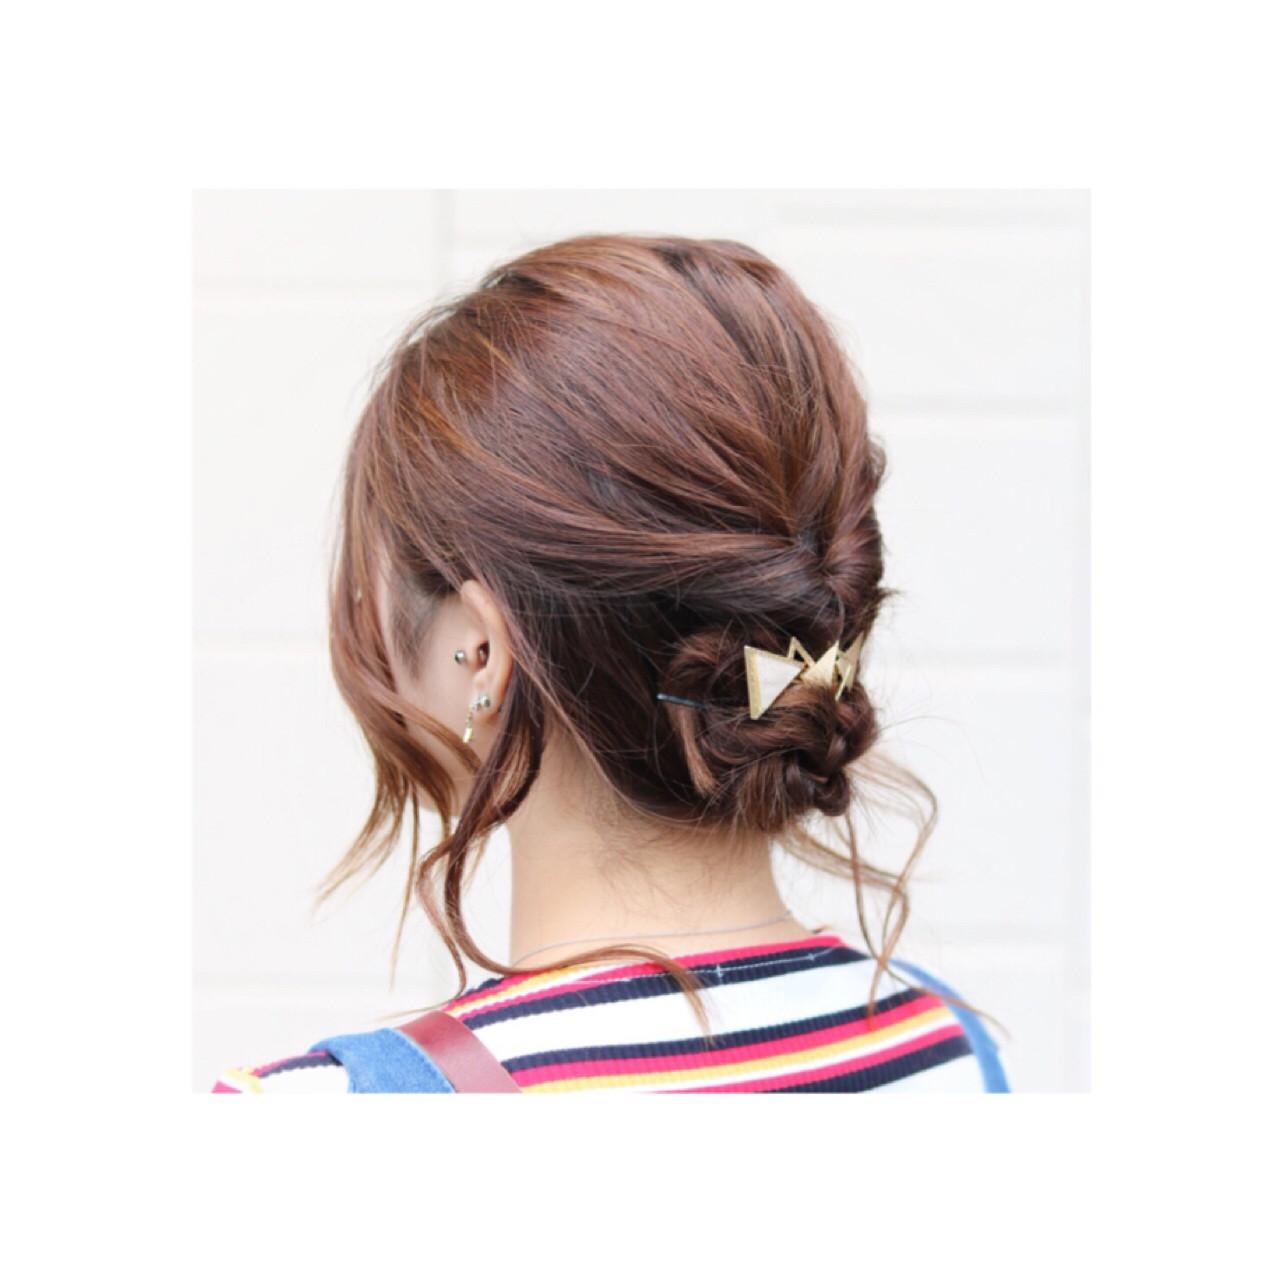 後れ毛でかわいく♡  1.後れ毛を残してハーフより少しだけ下のところで結びくるりんぱをします。 2.トップを軽くだけ引き出します。 3.残った髪の毛を三つ編みして毛先を中に入れ隠すように丸め込み、ピンで止めます。 4.後れ毛を巻きます。 5.くるりんぱと三つ編みの毛束の間にヘアアクセをつければ完成です。